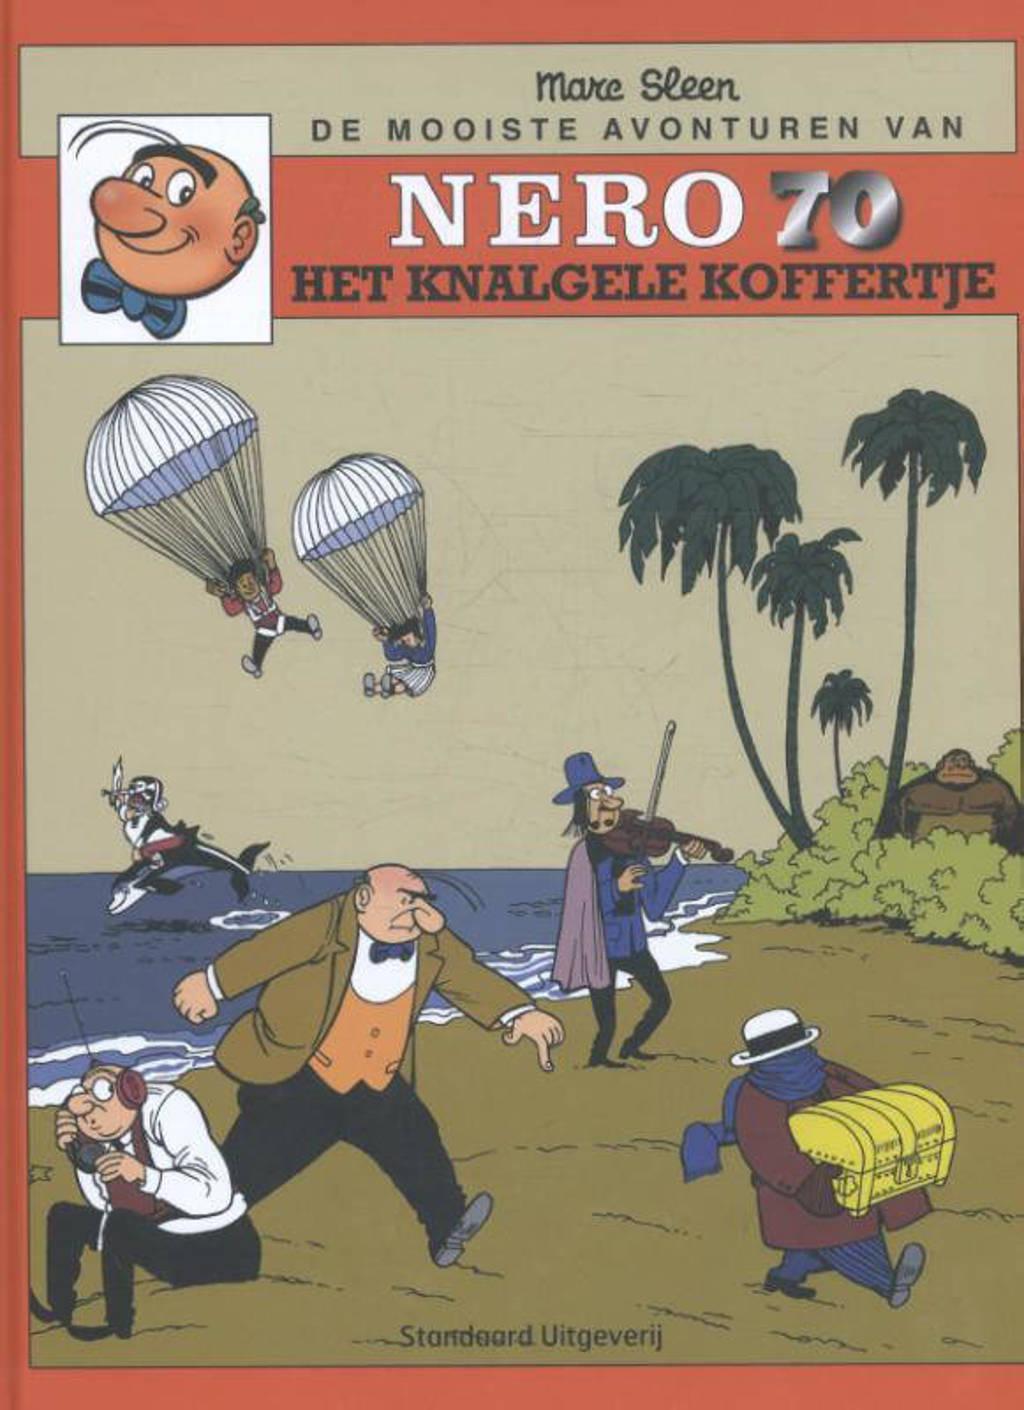 De avonturen van Nero: Het knalgele koffertje - Marc Sleen